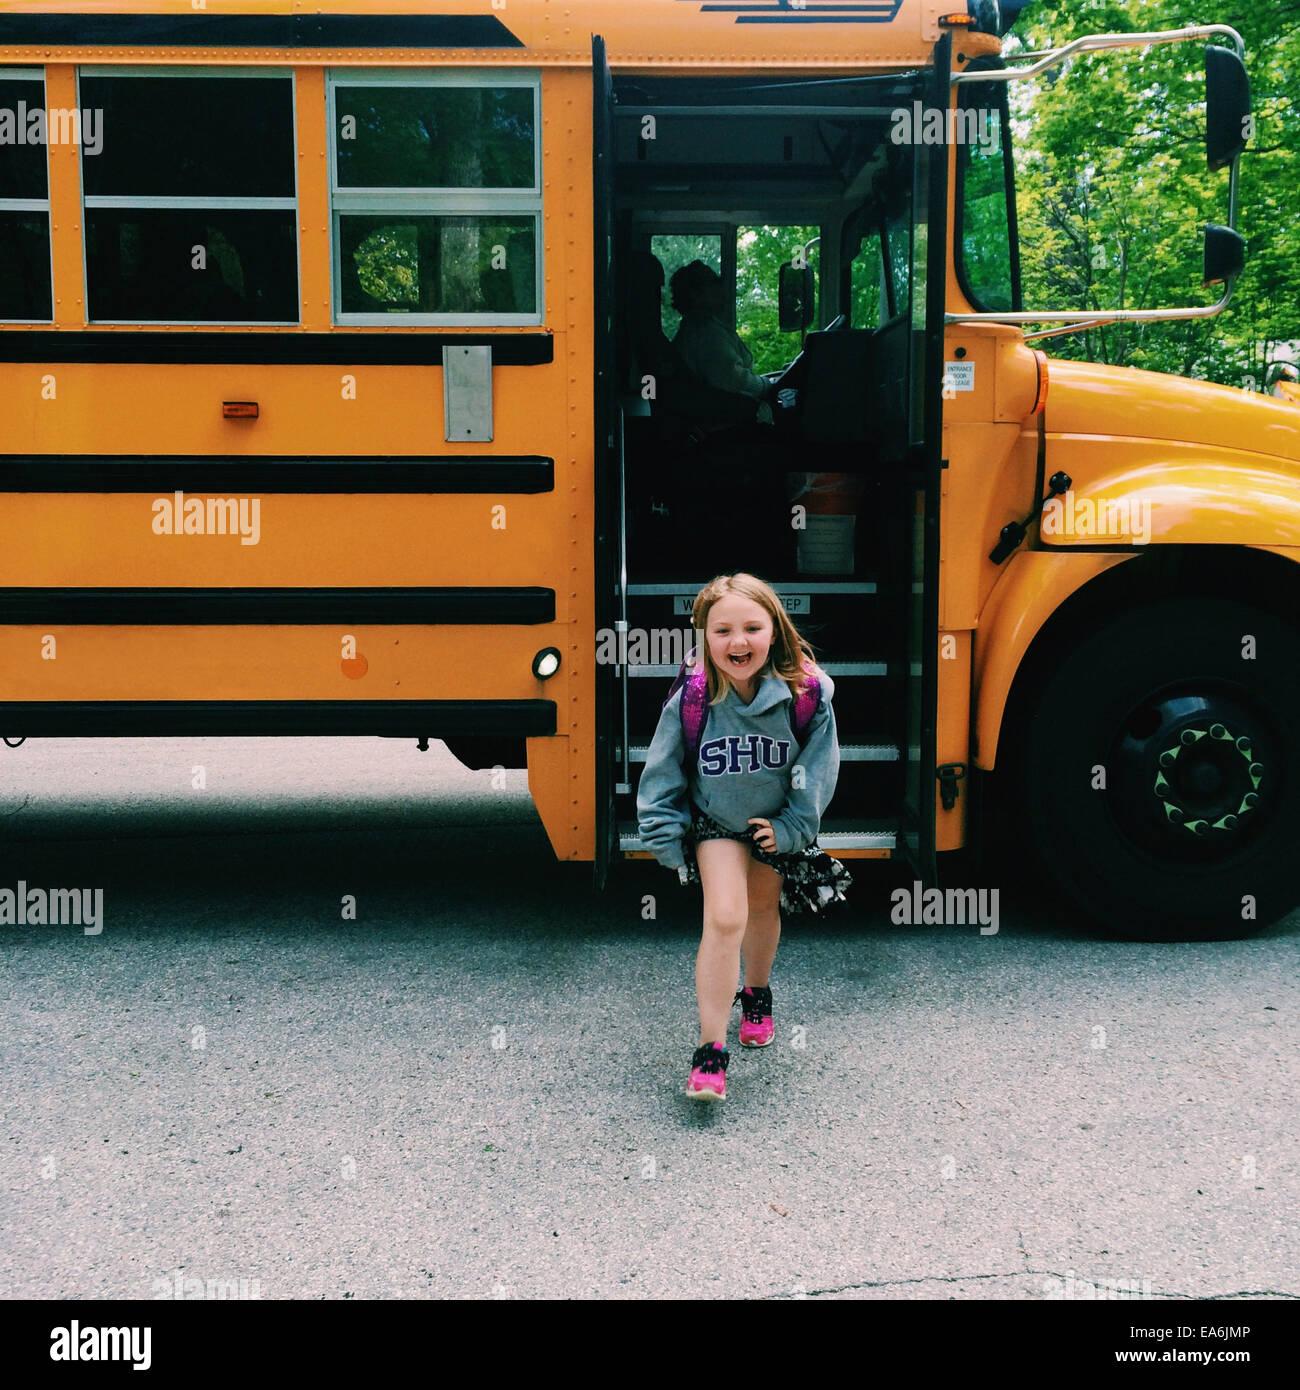 Chica sonriente bajarse del autobús escolar, Wisconsin, Estados Unidos, EE.UU. Imagen De Stock